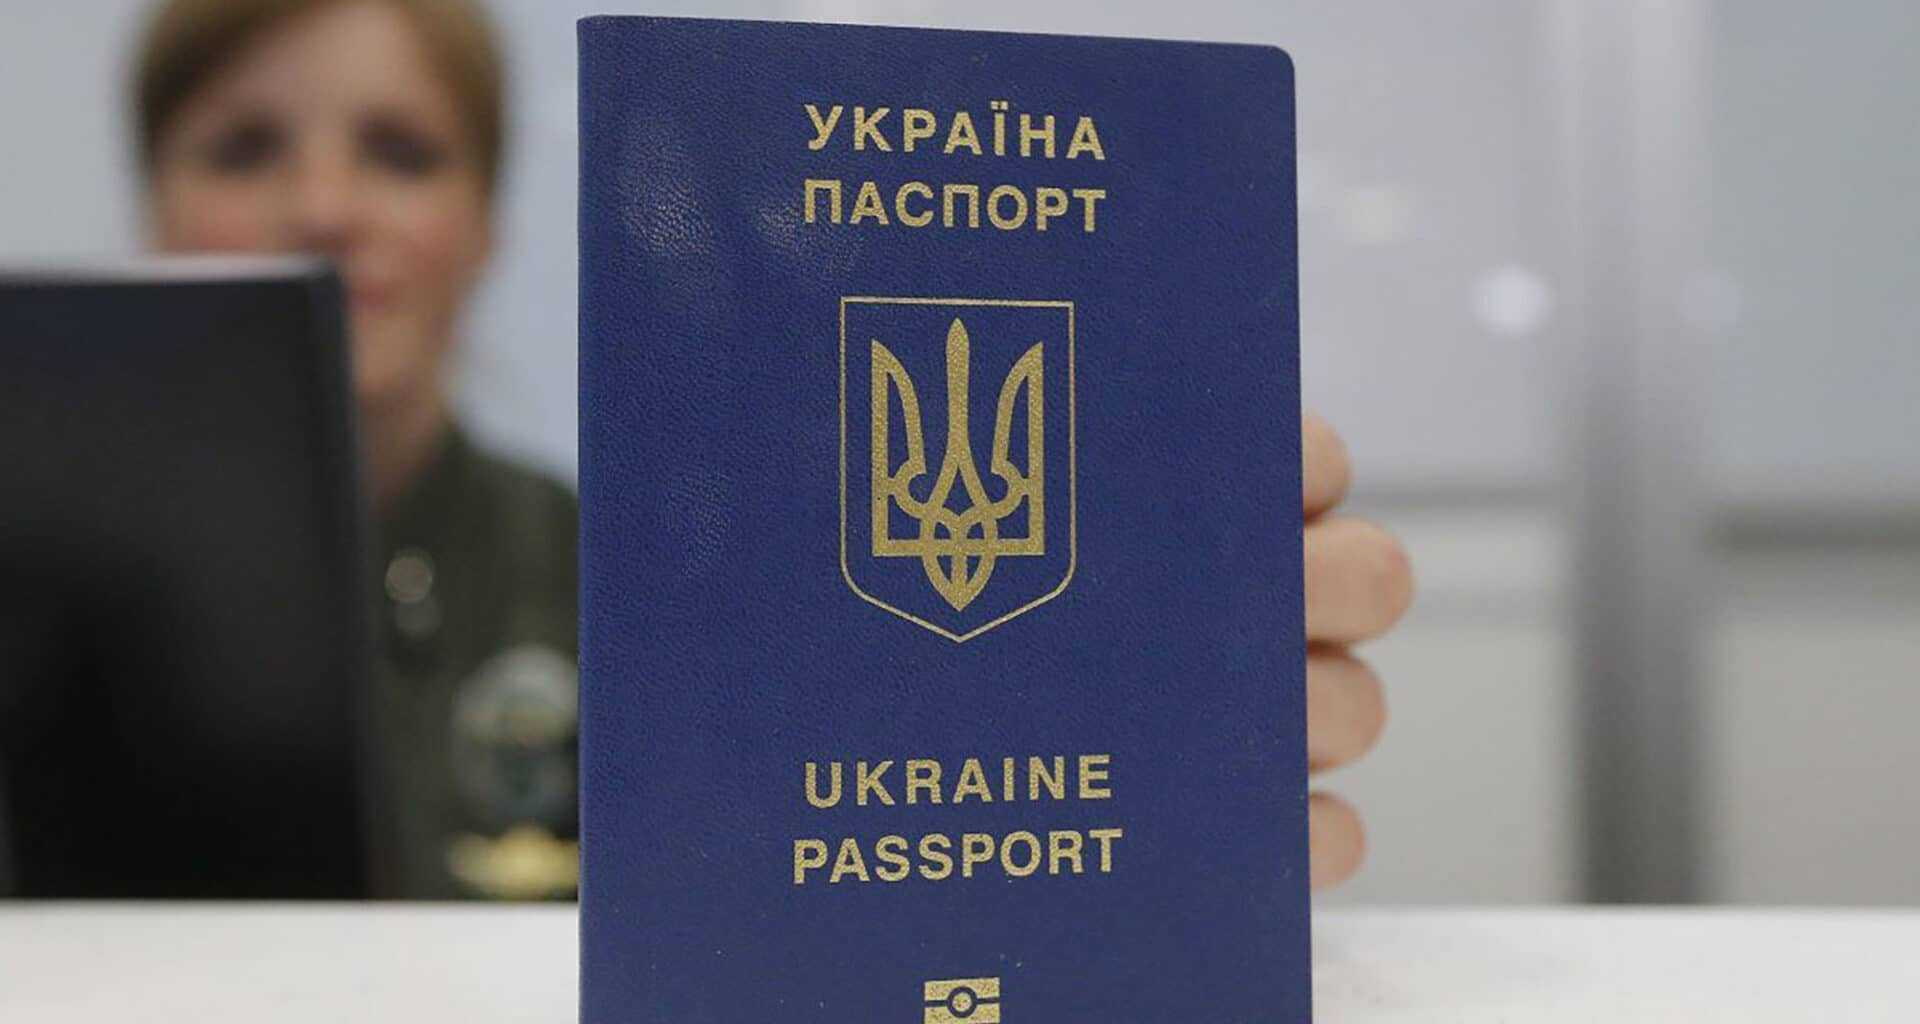 Украинцы будут въезжать в РФ только по загранпаспорту